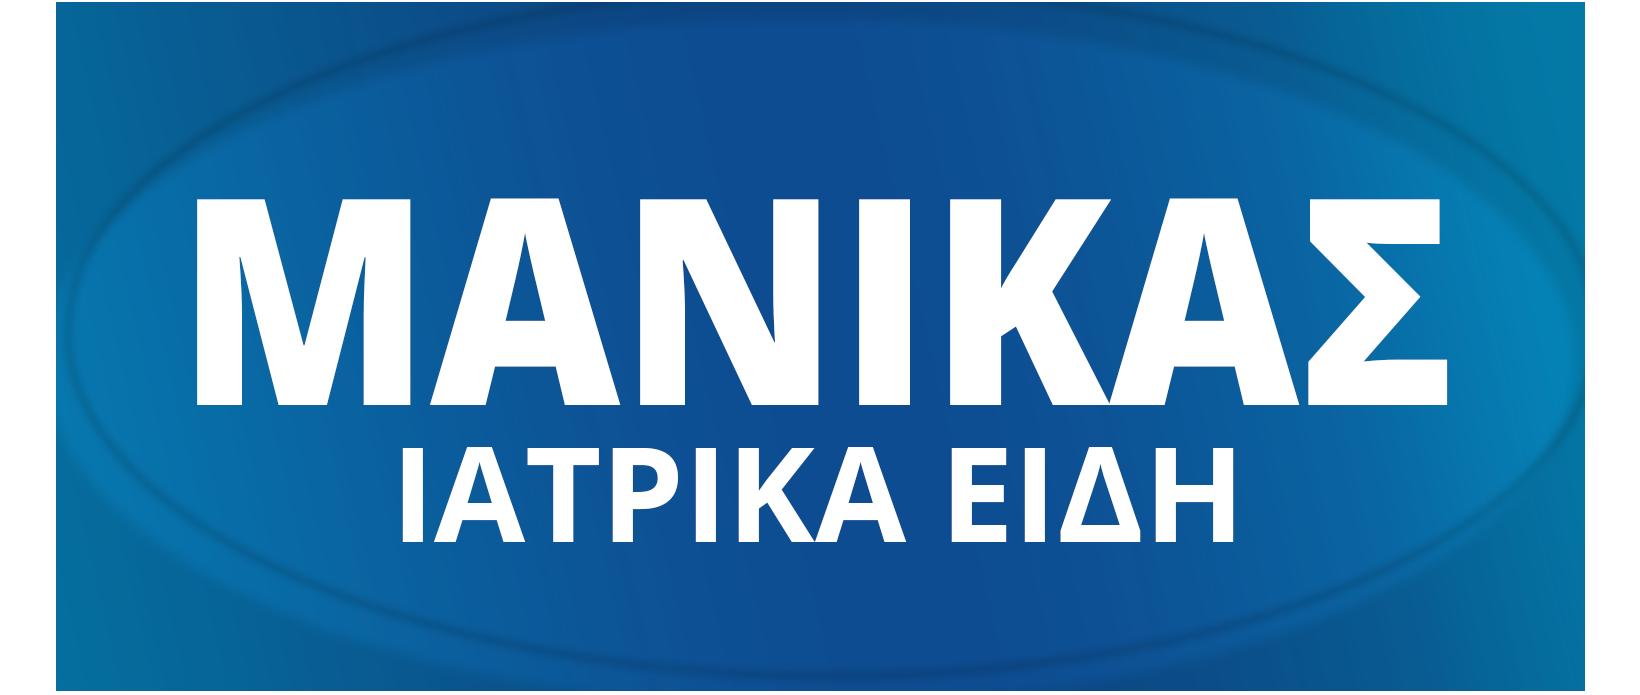 Μανίκας Ιατρικά είδη - Θεσσαλονίκη